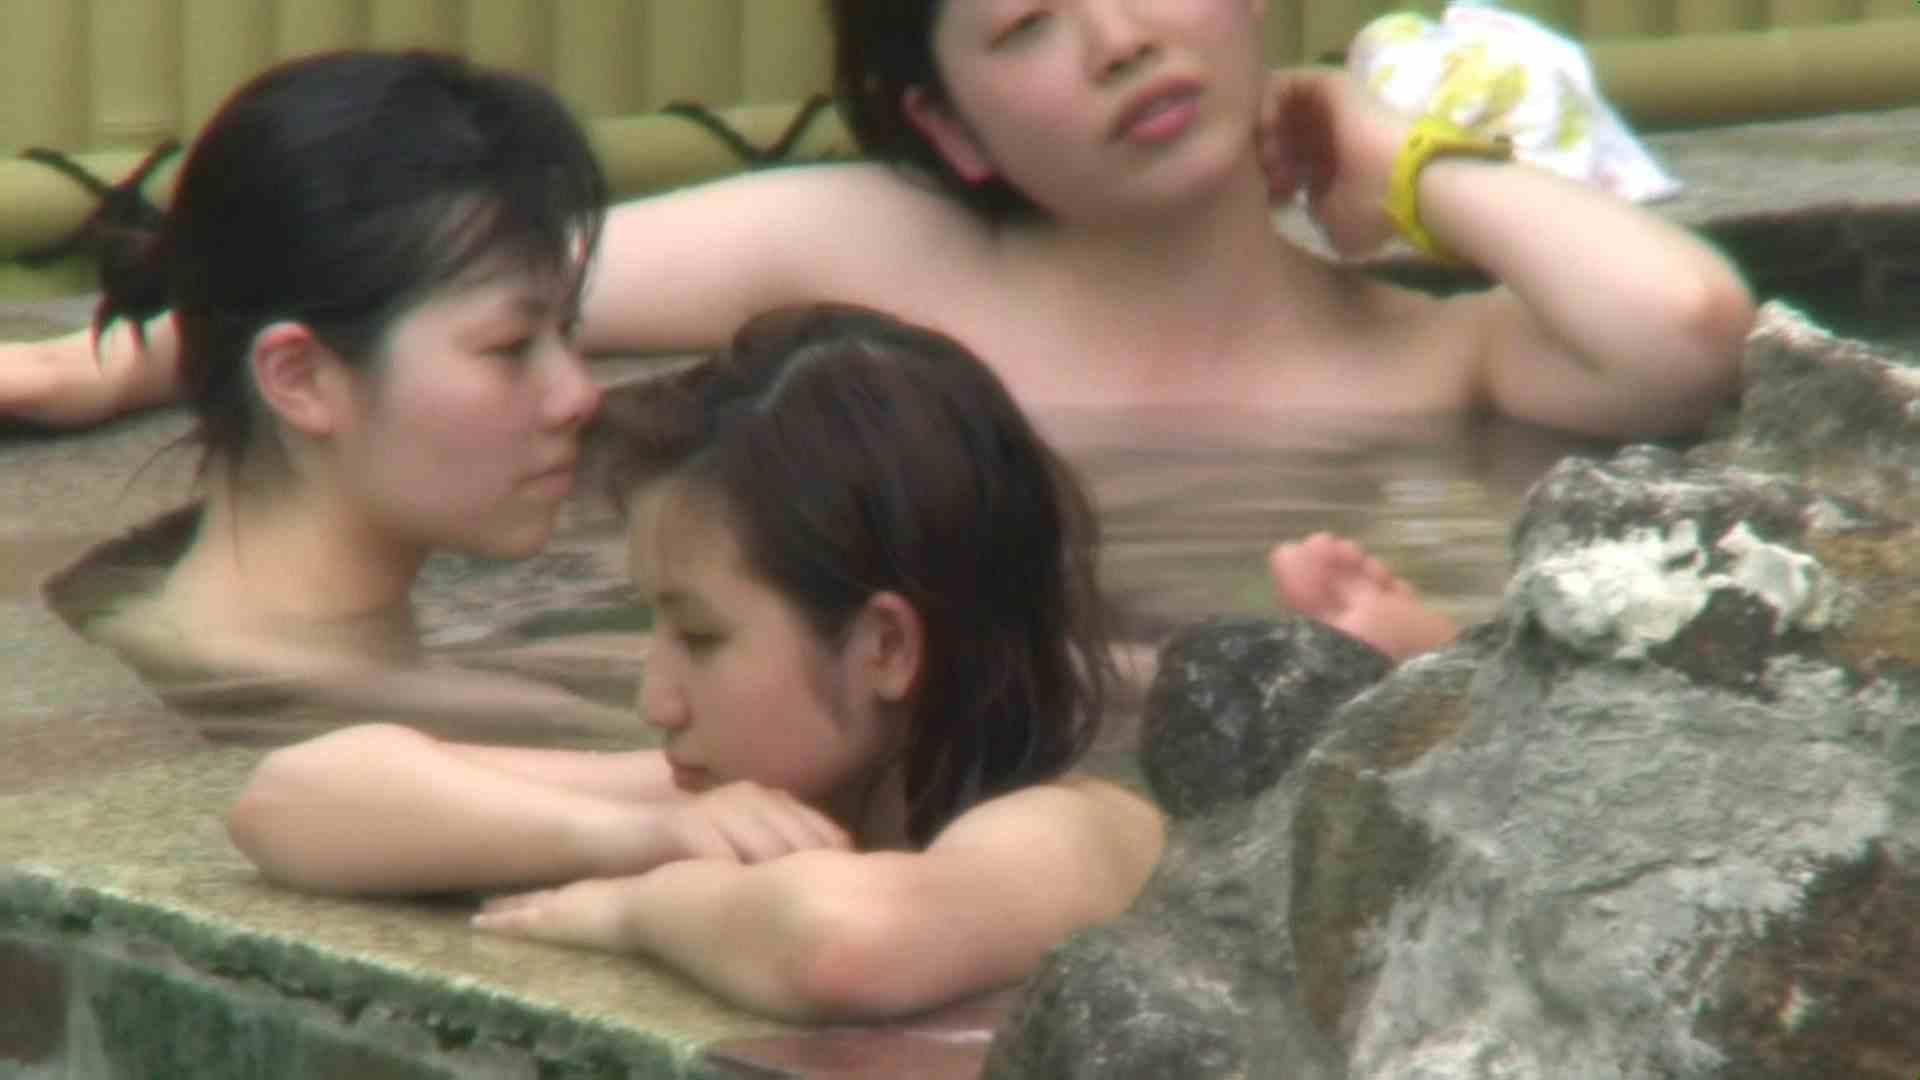 Aquaな露天風呂Vol.65【VIP限定】 盗撮 | 露天  95画像 88